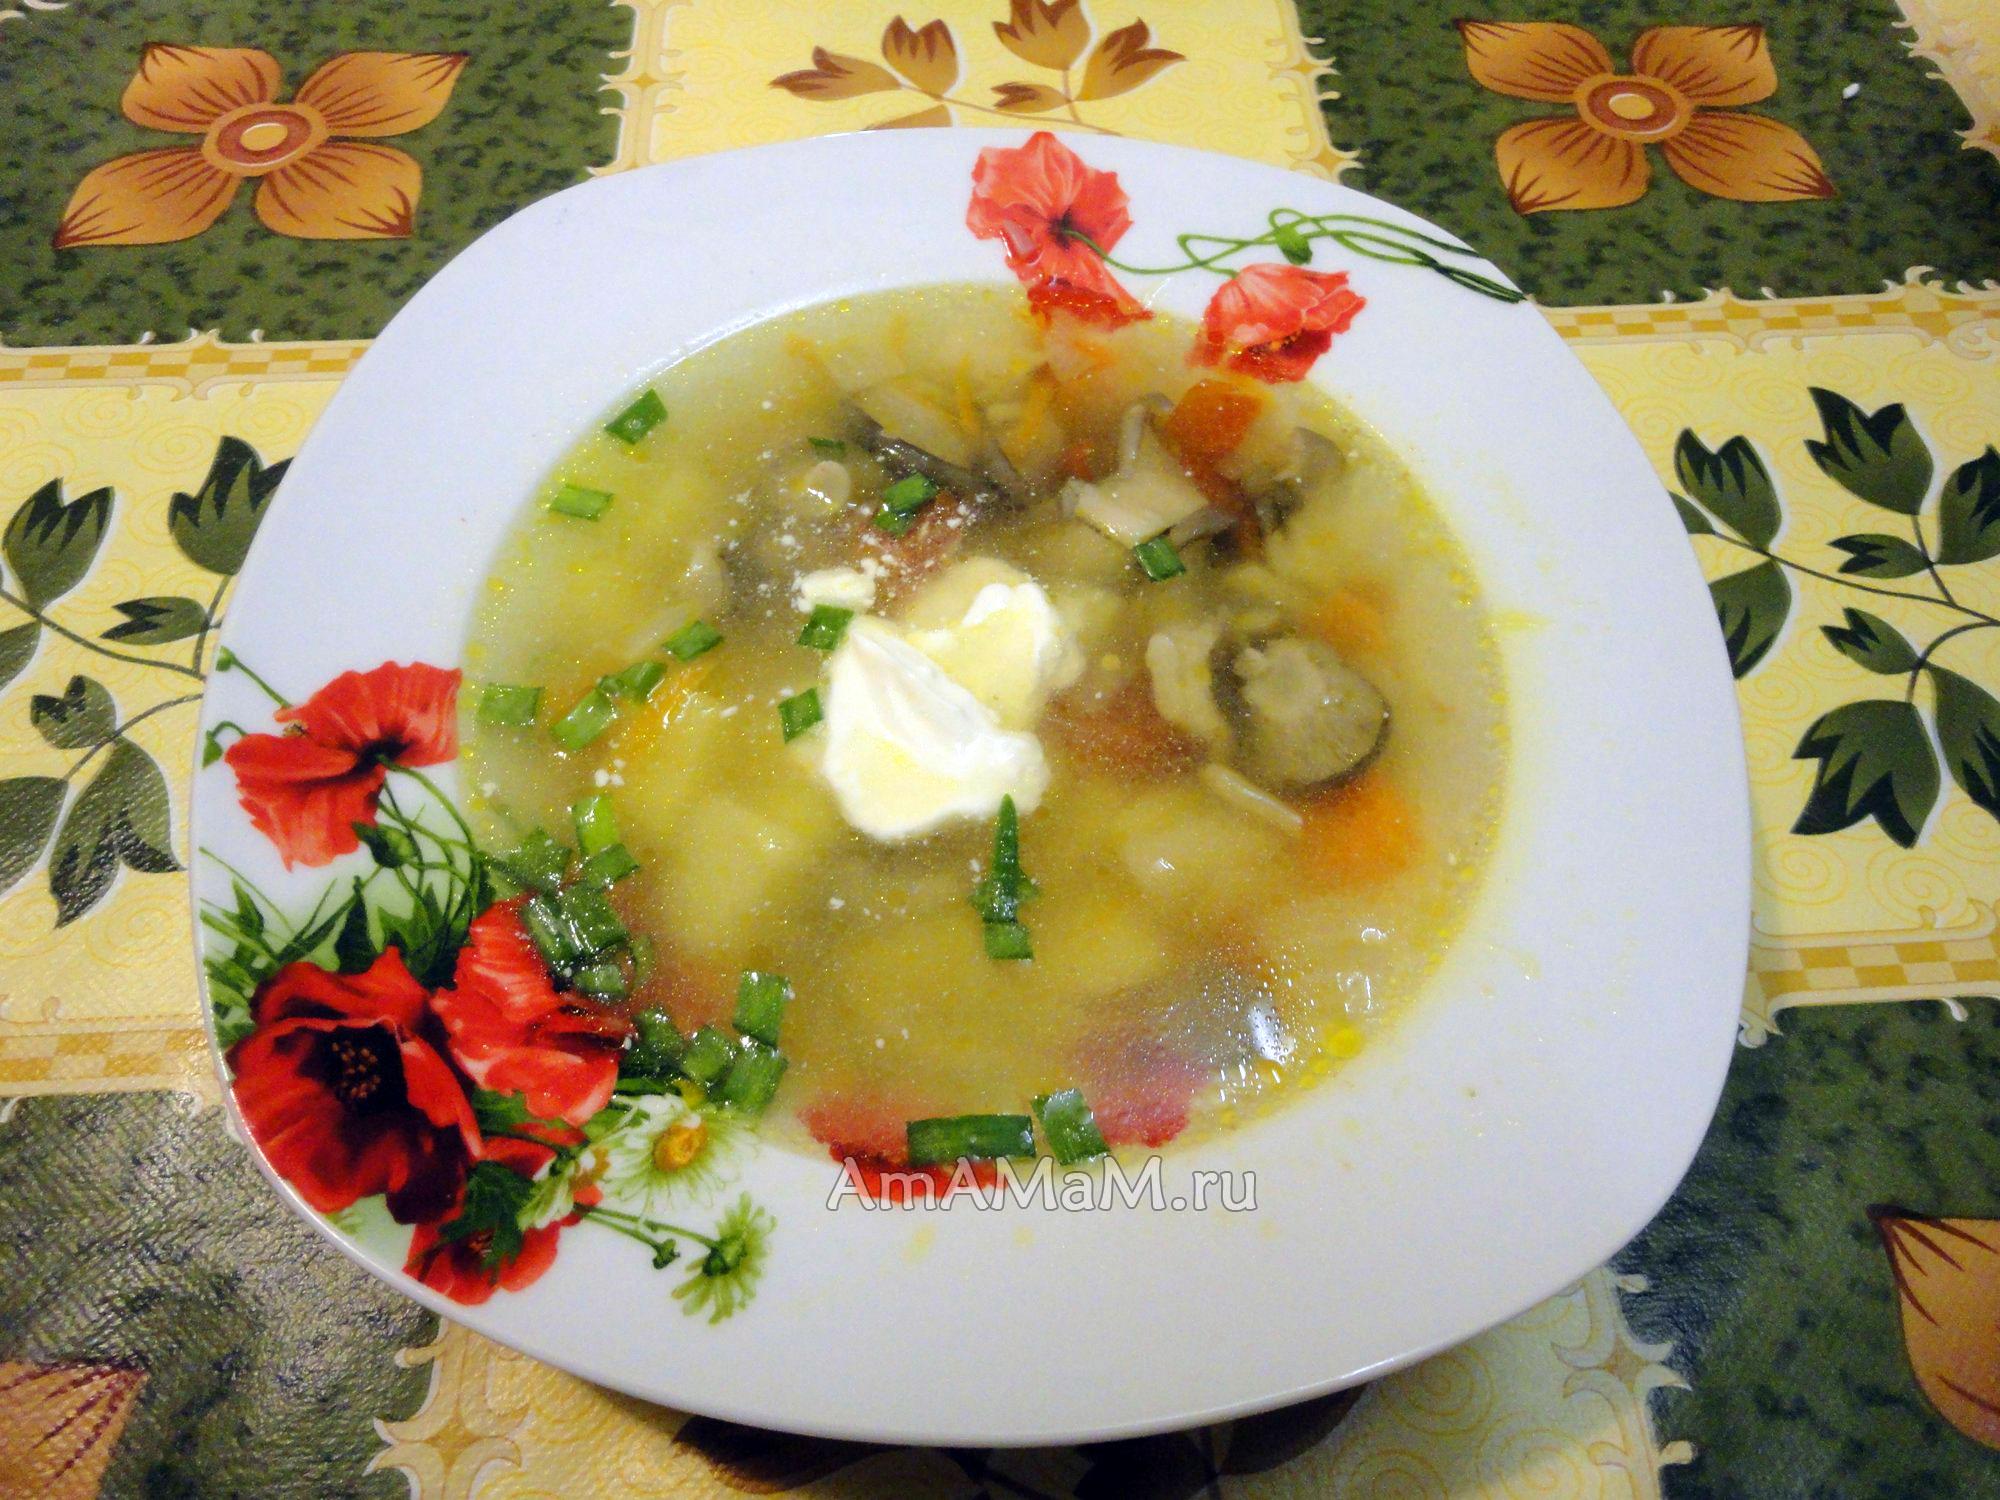 Рецепт супа куриного овощного с цветной капустой